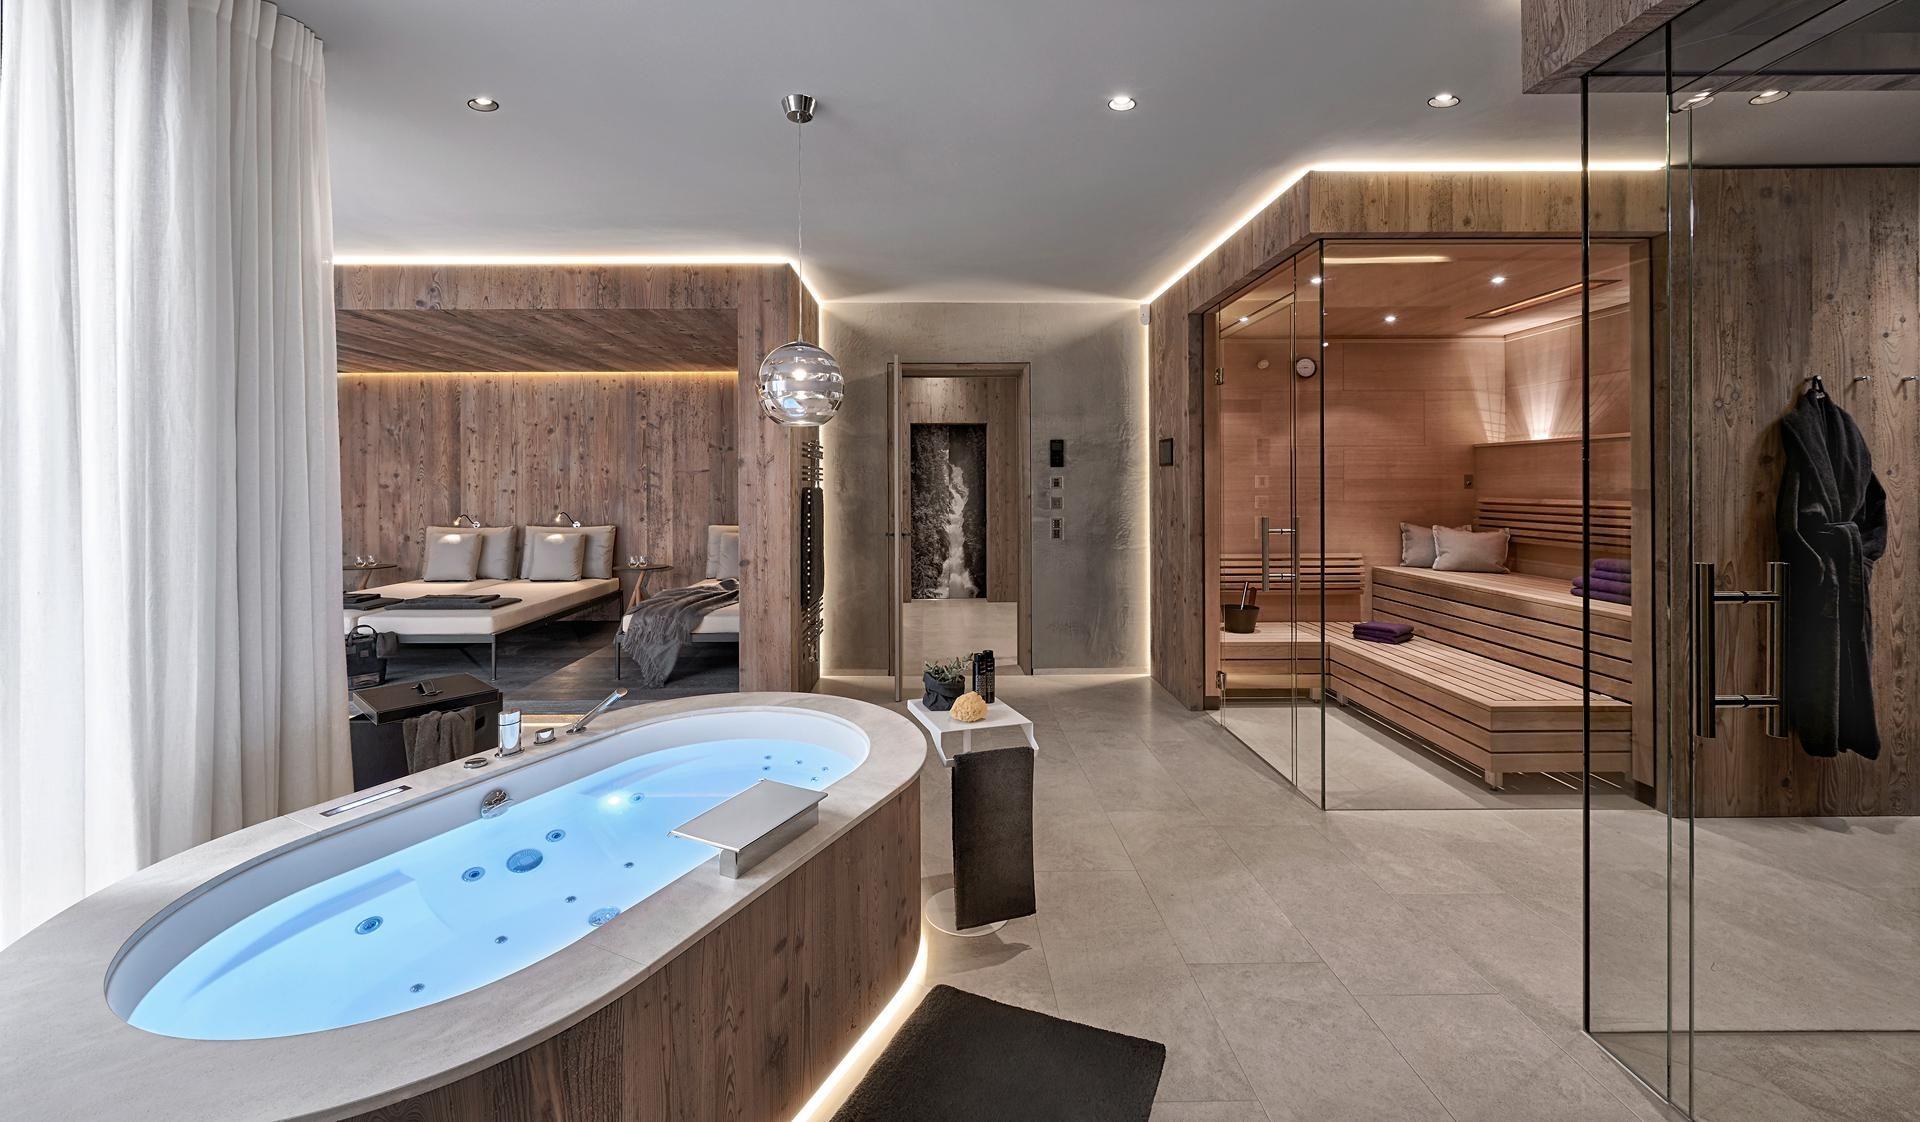 Ahnliches Foto Kurmittelhaus Modernes Badezimmerdesign Luxusbadezimmer